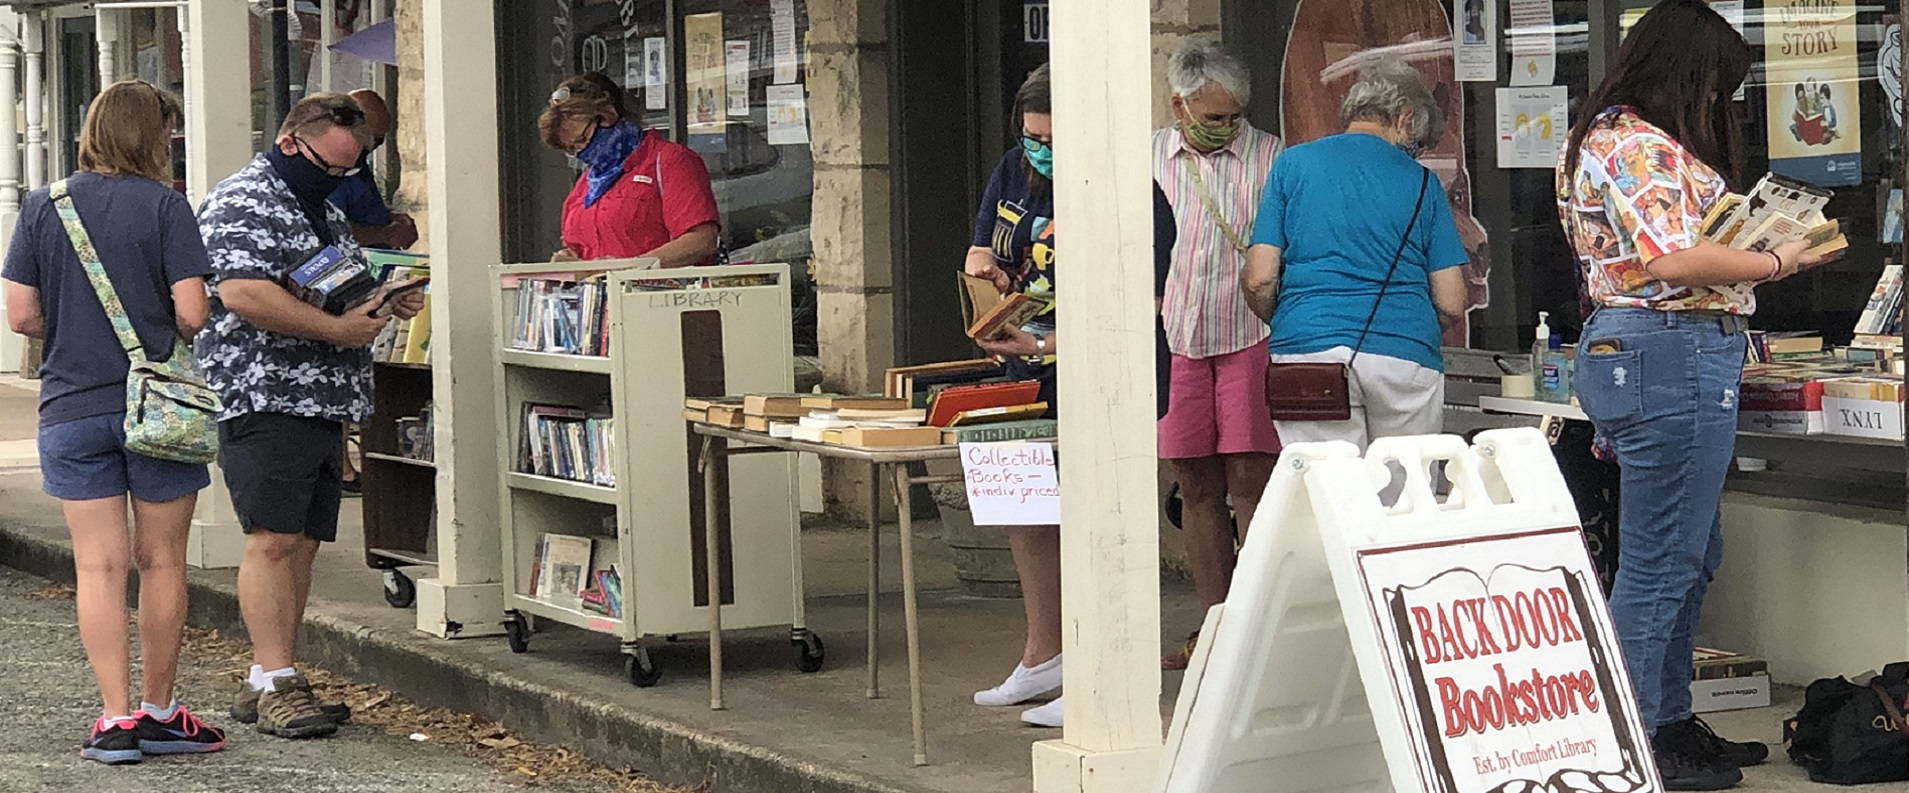 BackDoor Book Store